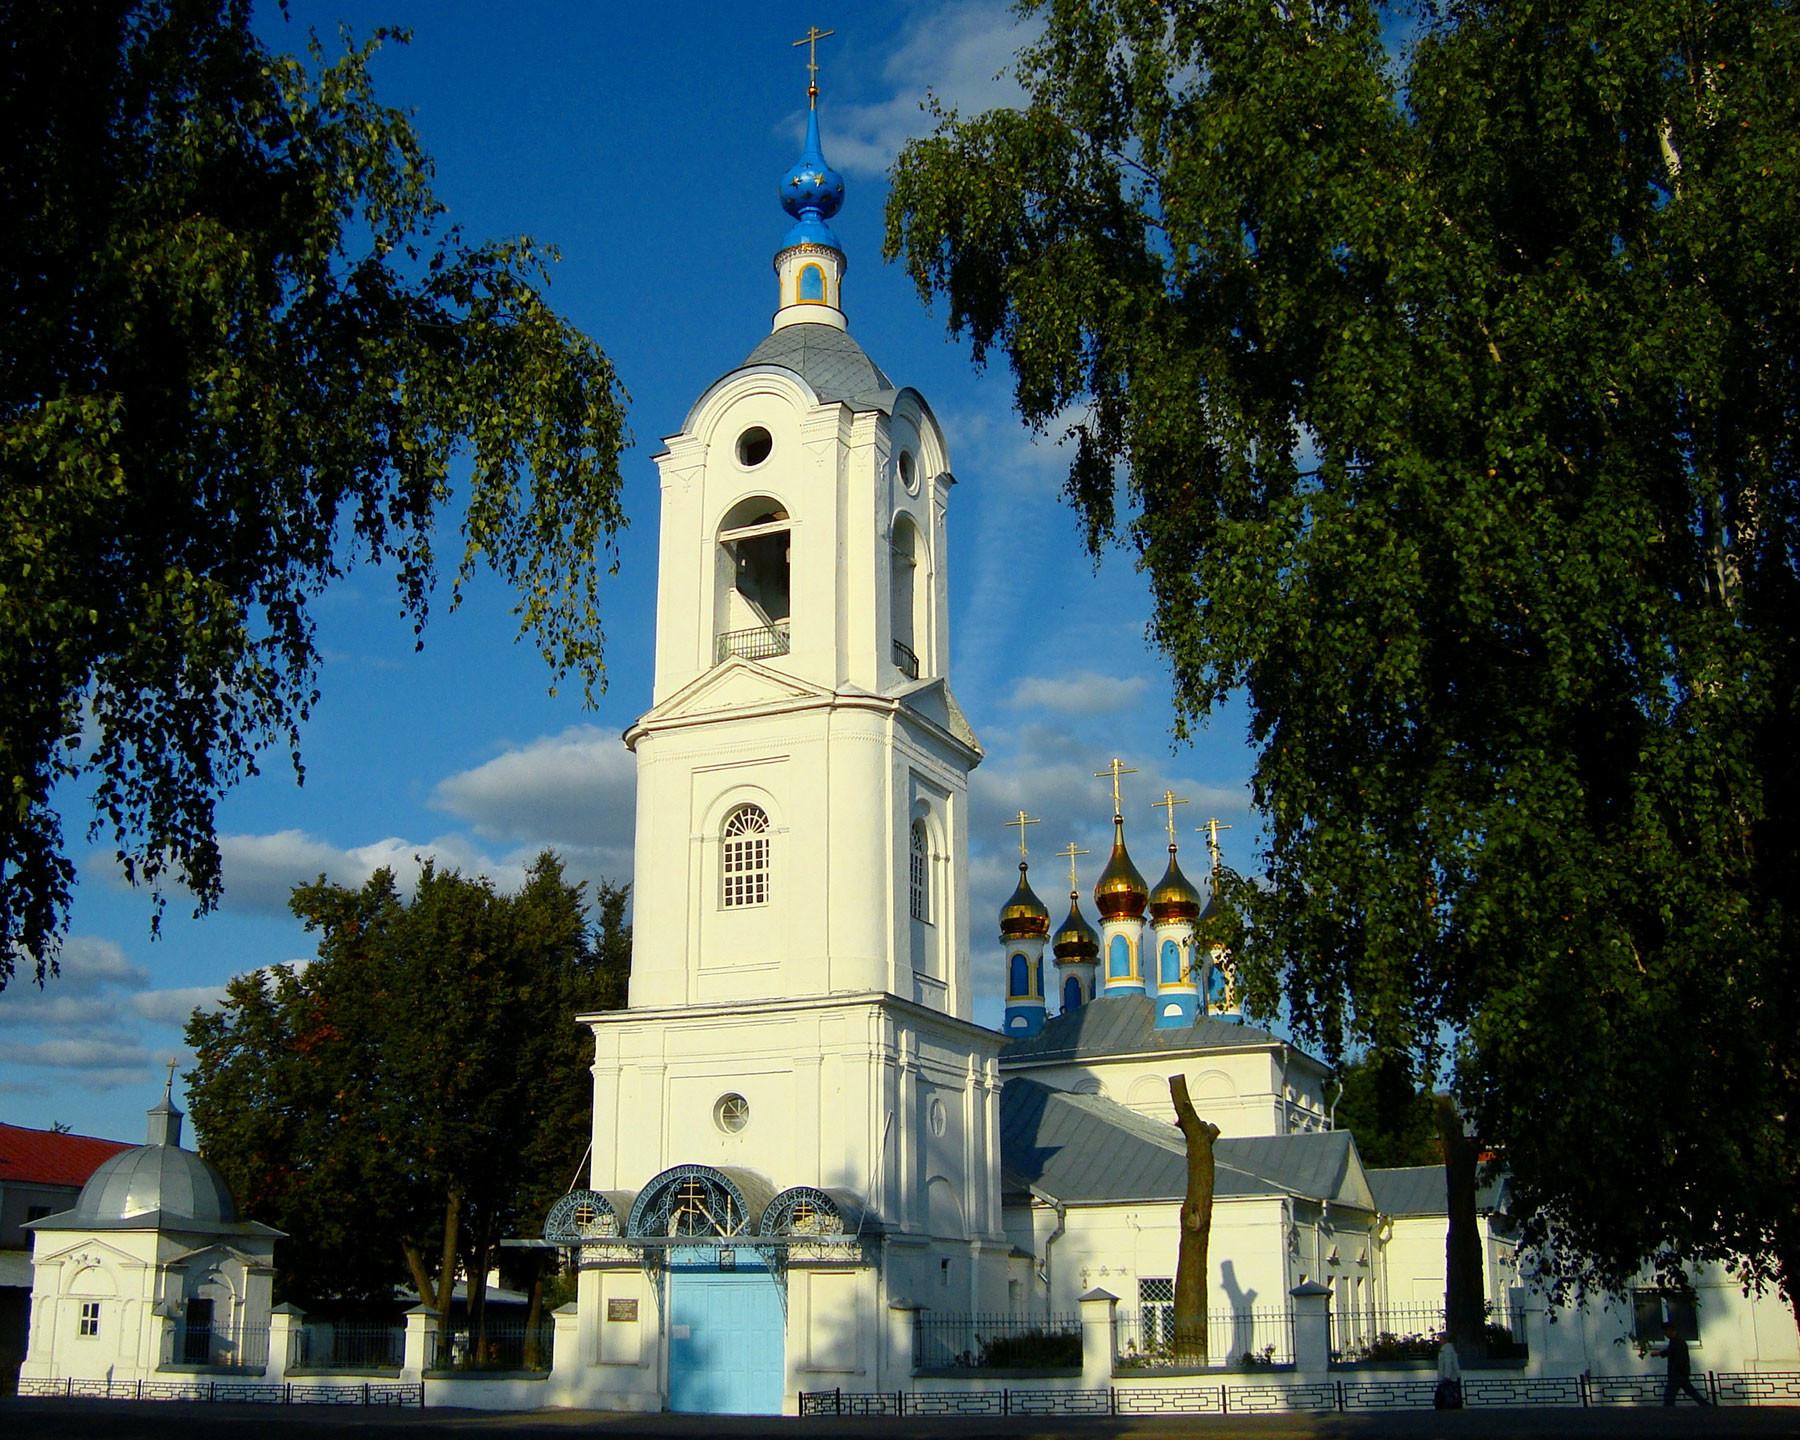 Кафедральный собор Покрова Божией Матери. г. Покров, Владимирская область. Фото: © Wikipedia.org